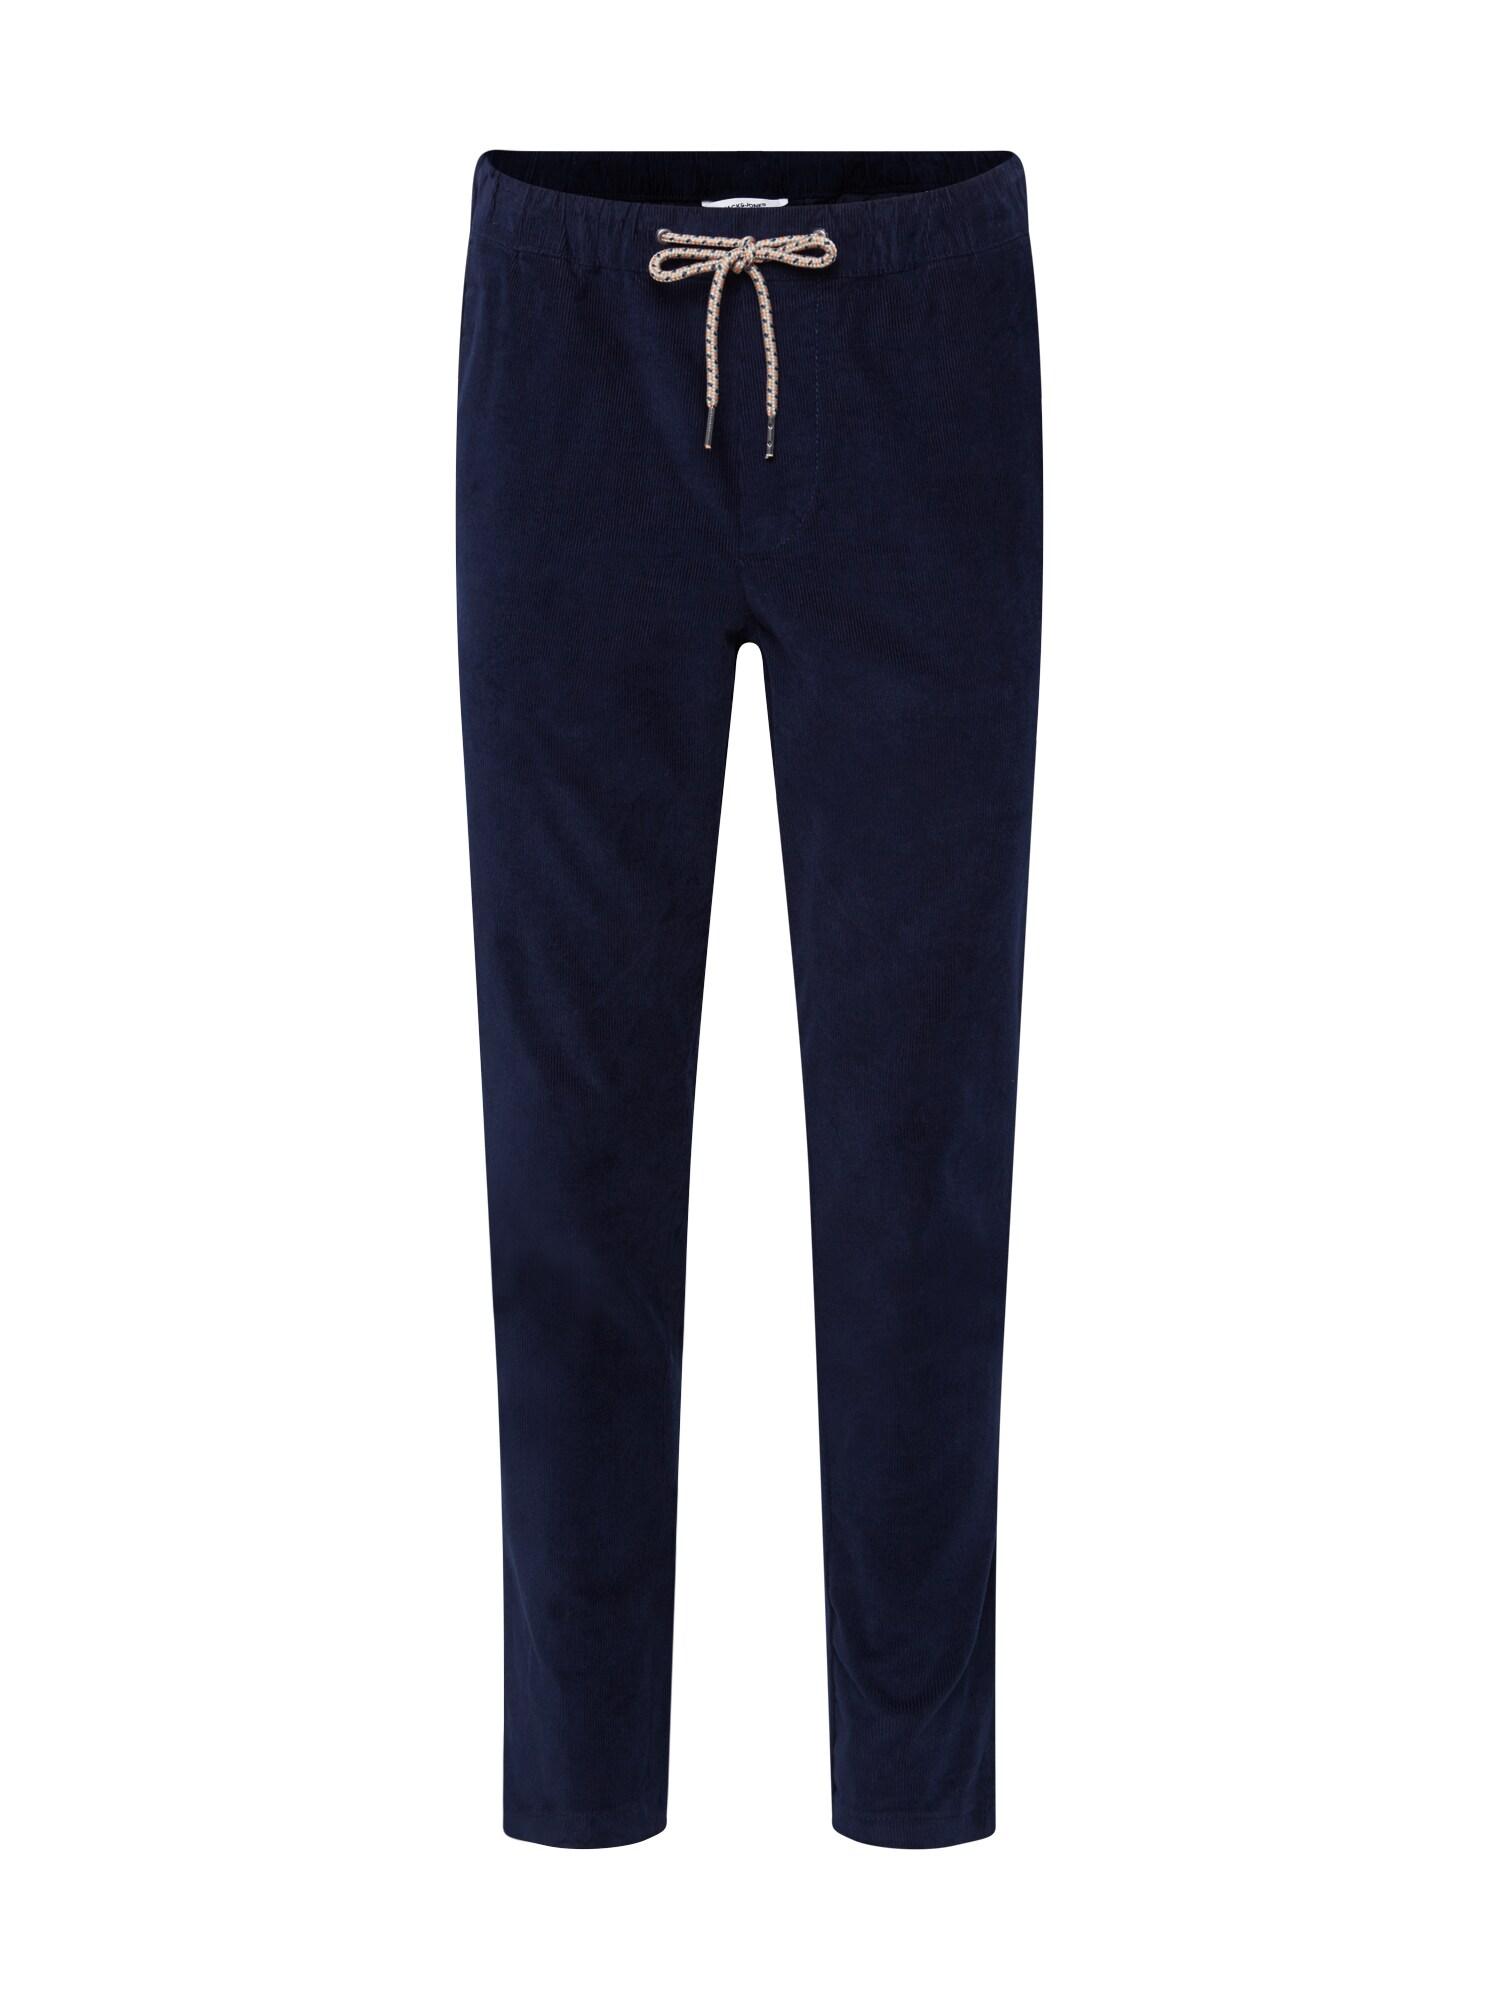 JACK & JONES Kalhoty 'Vega'  námořnická modř